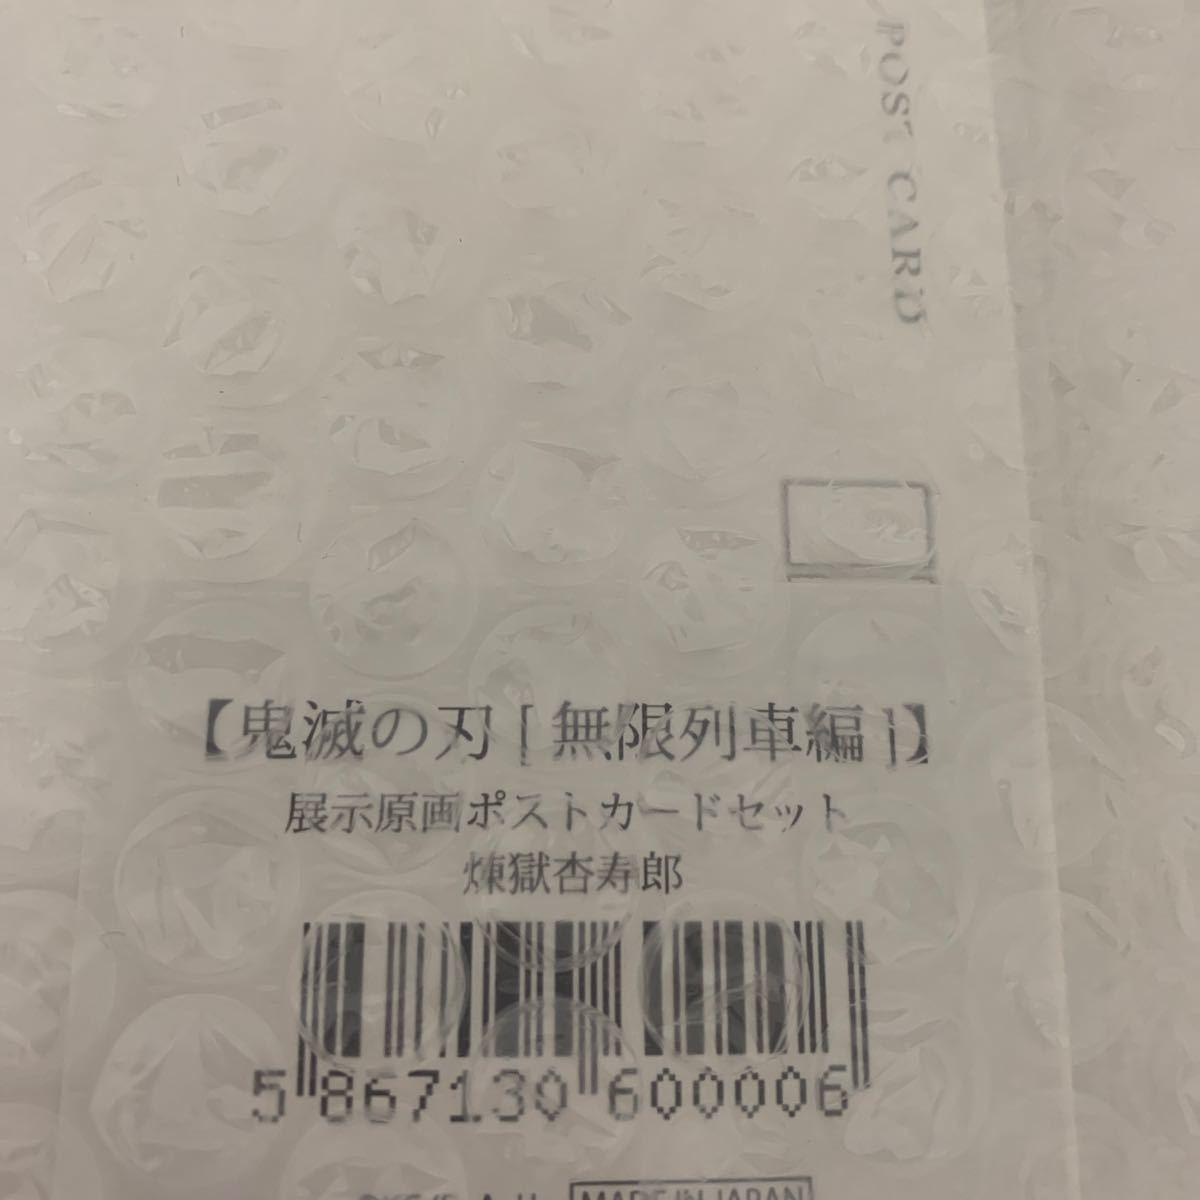 鬼滅の刃 無限列車編 煉獄杏寿郎 展示原画ポストカードセット